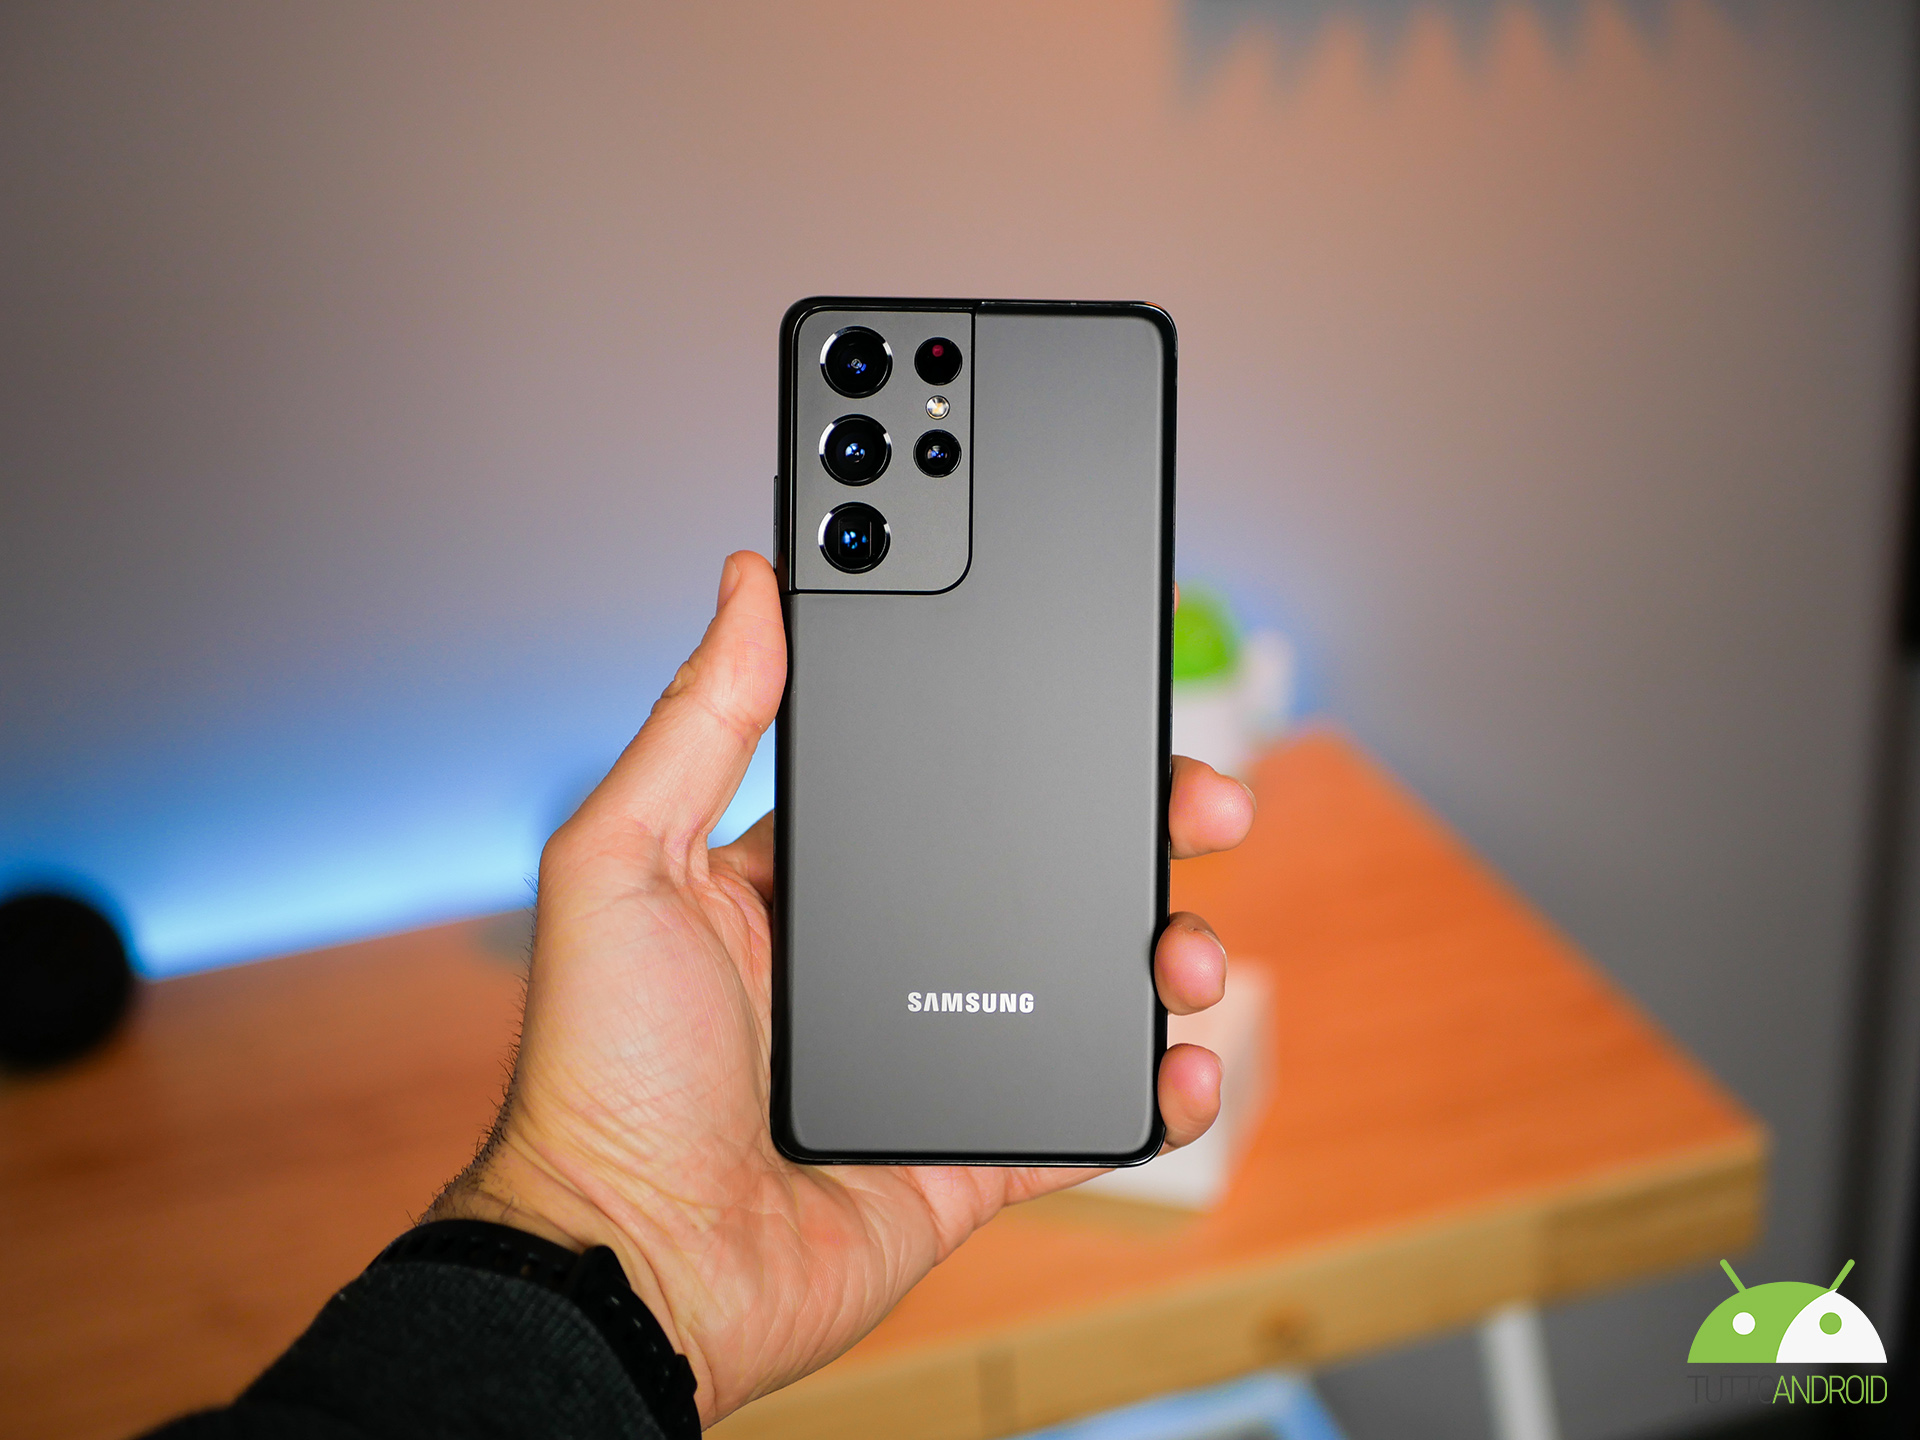 Ci sono tantissimi smartphone, anche top, di Samsung in sconto: ecco le migliori offerte